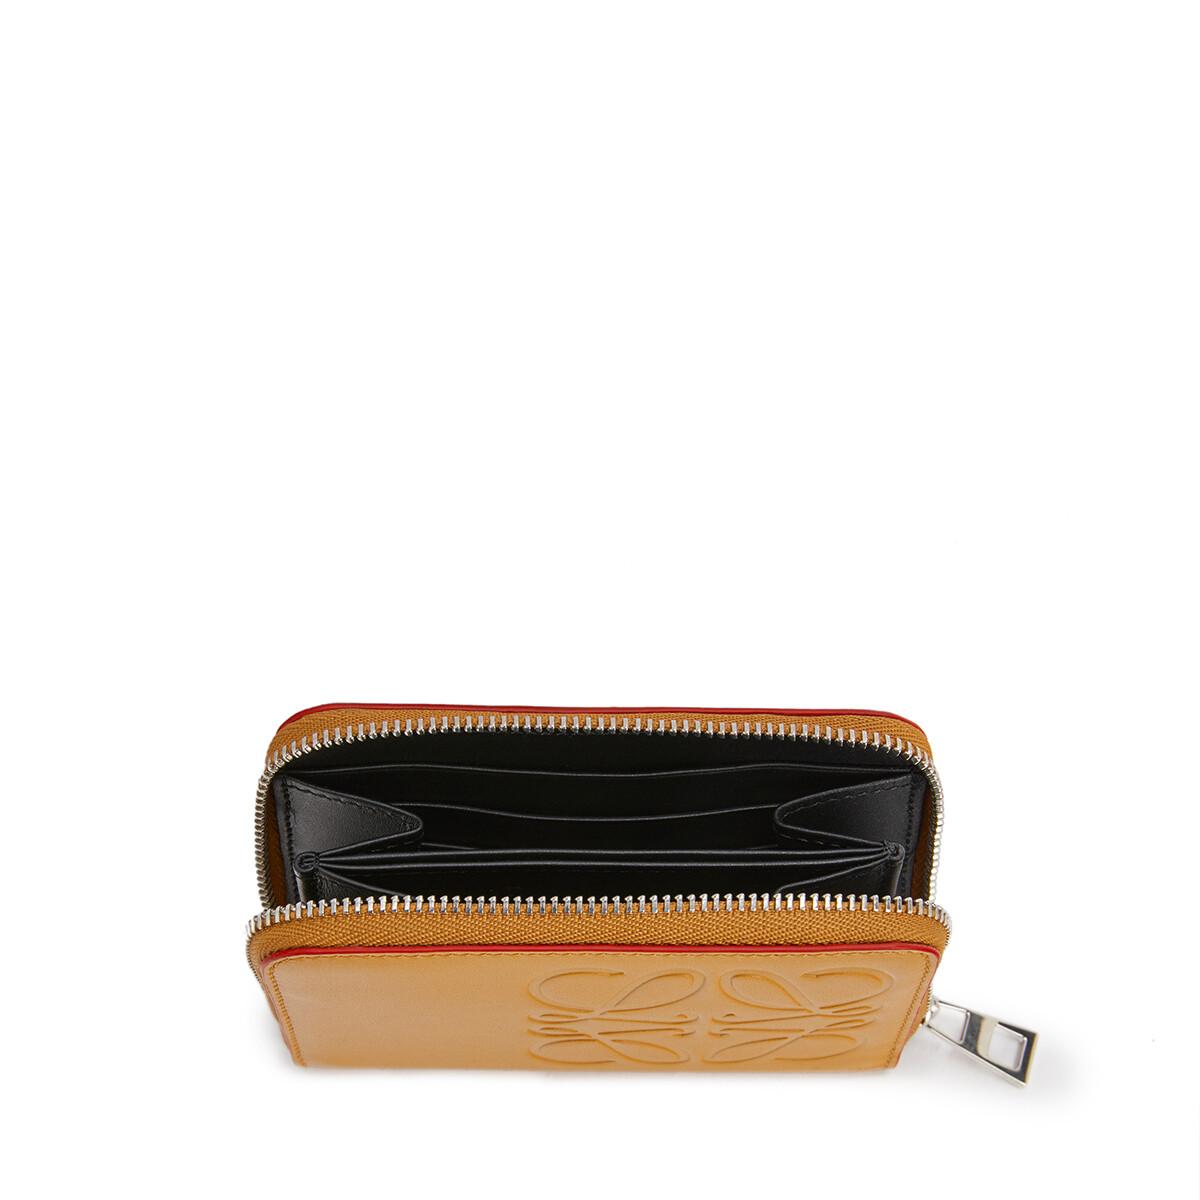 LOEWE Brand 6 Card Zip Wallet ハニー front